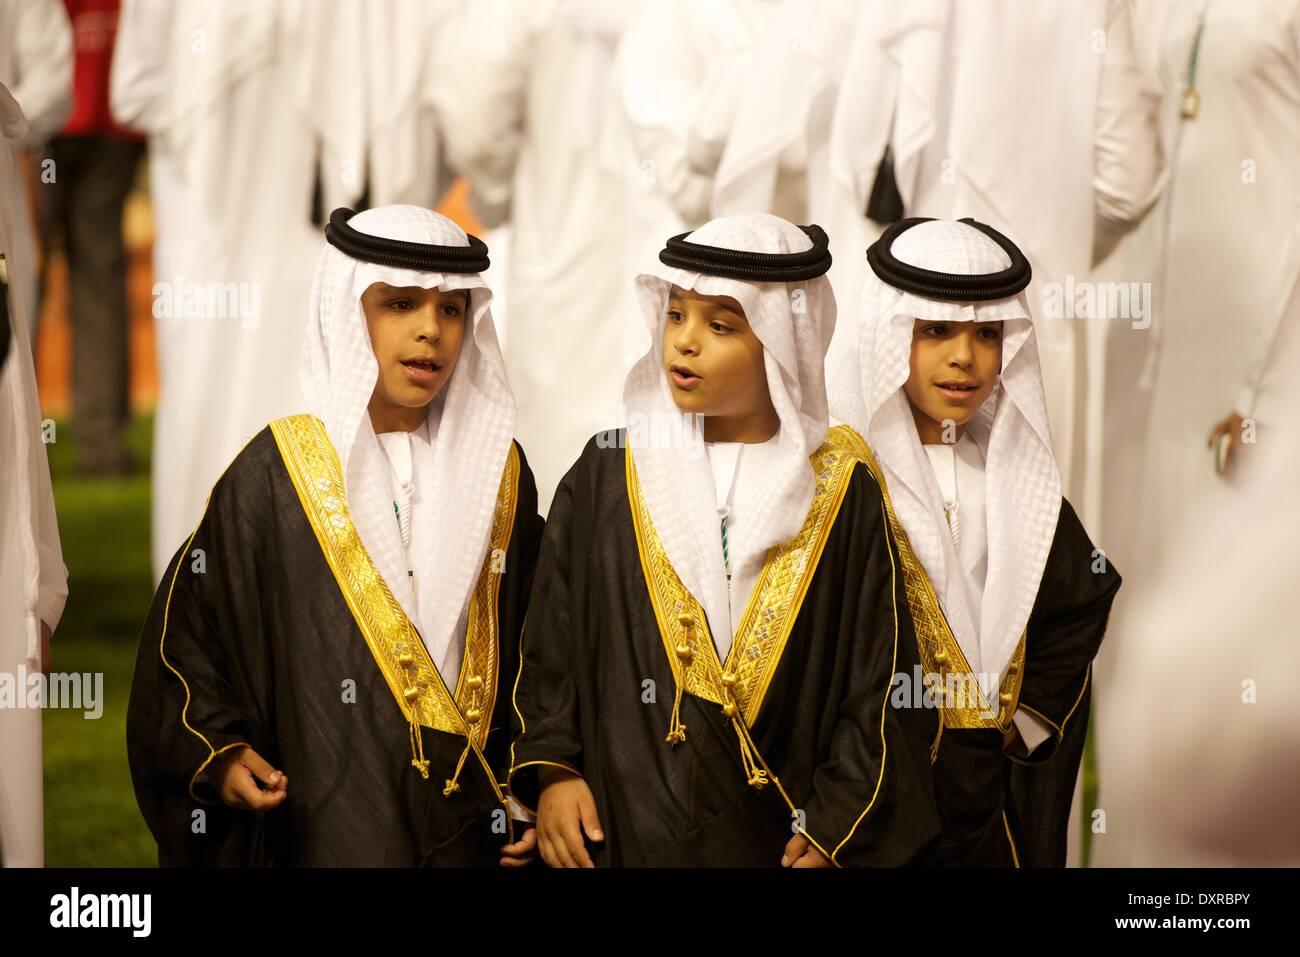 L'hippodrome de Meydan, DUBAÏ, ÉMIRATS ARABES UNIS. 29 mars, 2014. Trois jeunes princes saluer les coureurs à l'entrée de la parade au cours de l'anneau de Dubai World Cup Crédit: Tom Morgan/Alamy Live News Photo Stock